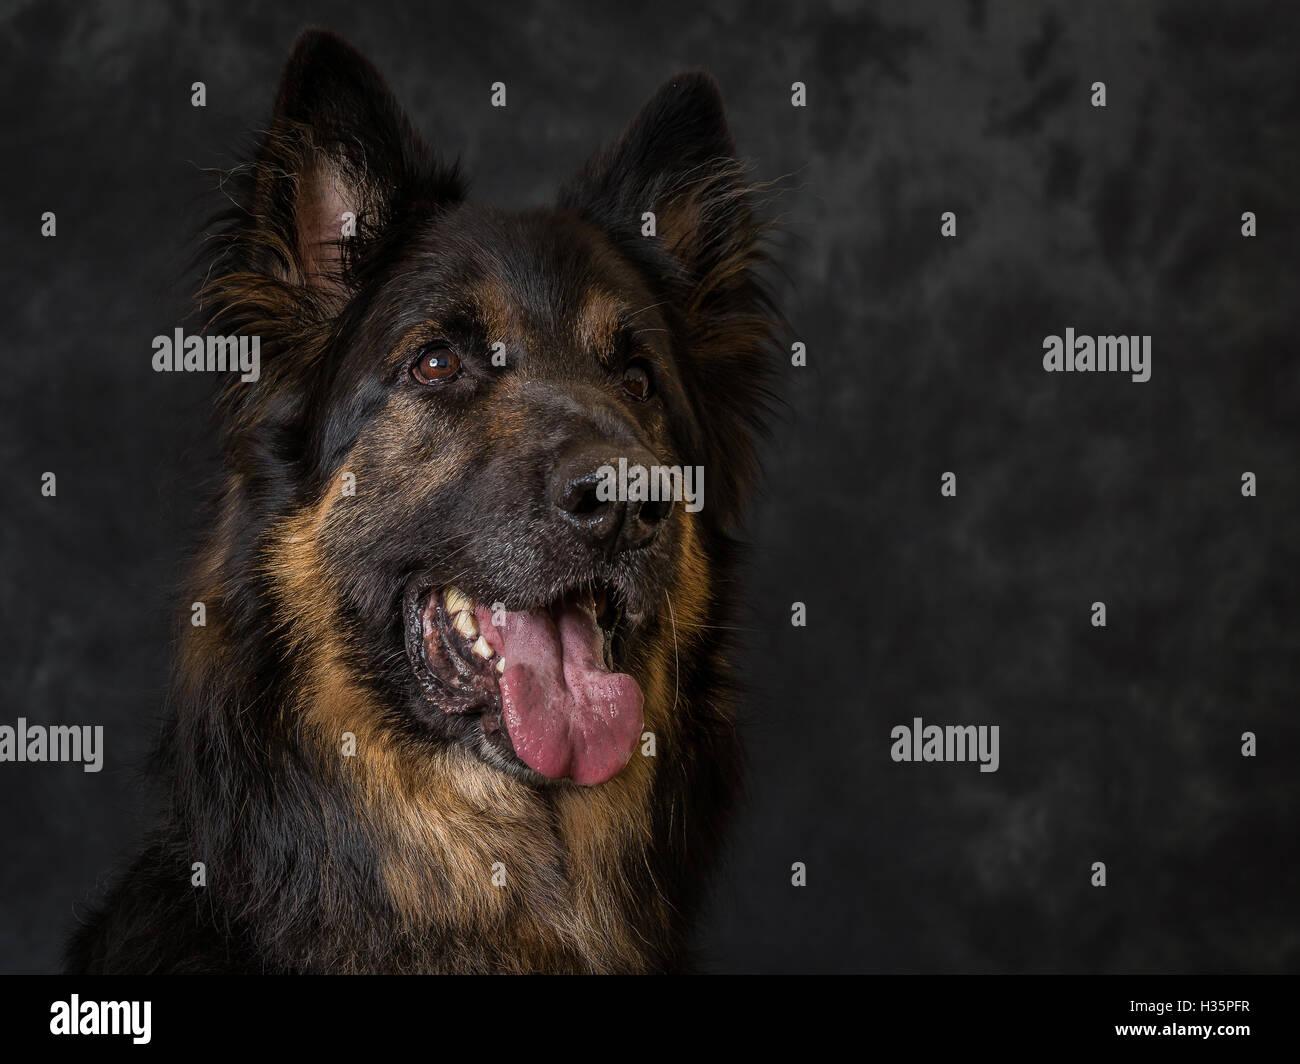 Bart The German Shepherd On Grey Background - Stock Image